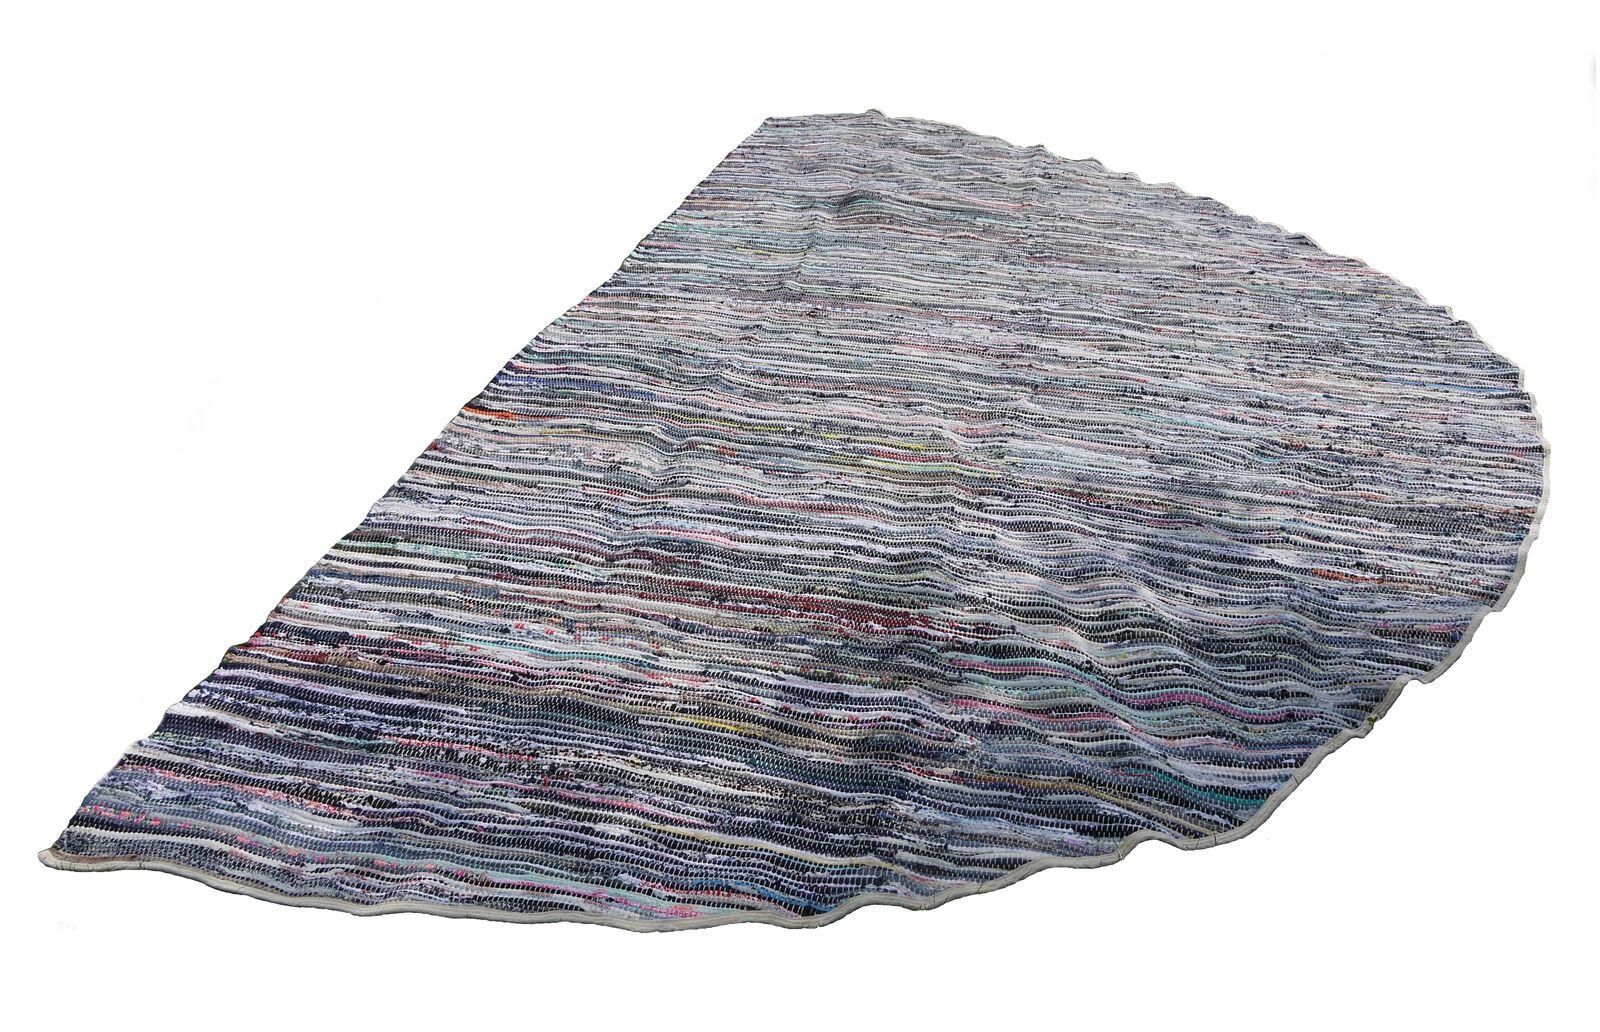 cloche Tente Tapis Demi Lune couvertures 3m,4m,5m,6M Par